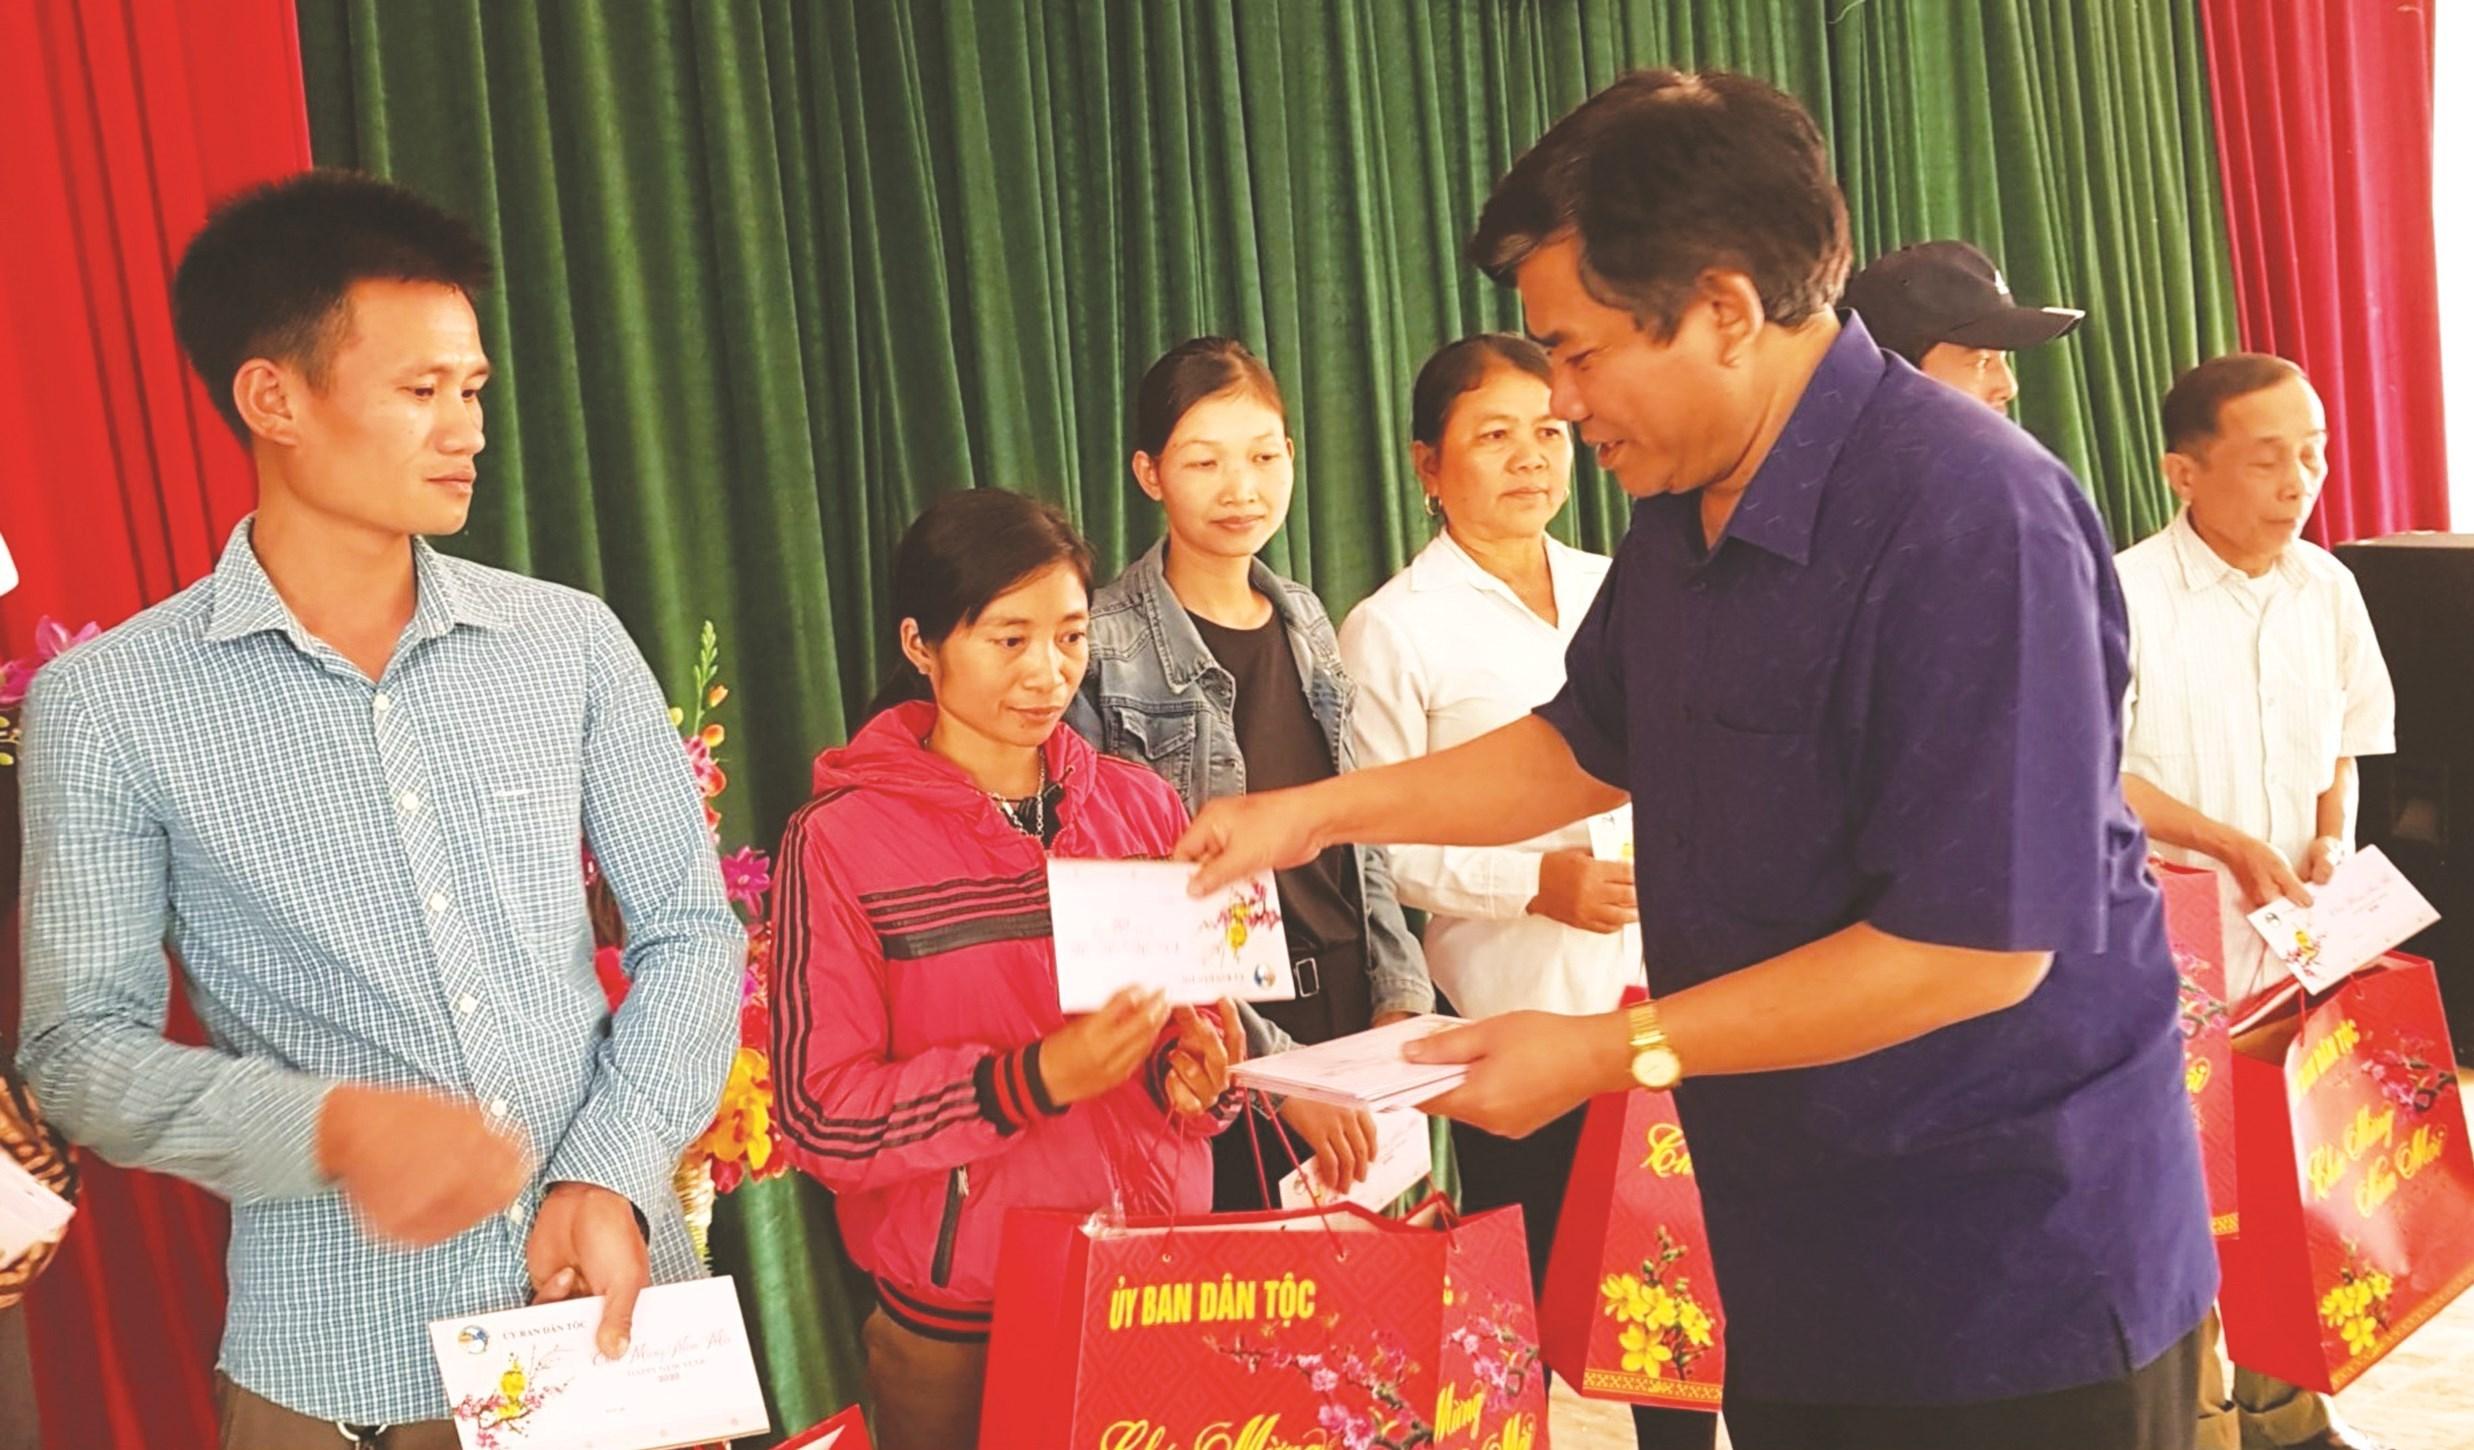 Lãnh đạo Ủy ban Dân tộc tặng quà cho đồng bào DTTS nghèo nhân dịp Tết Canh Tý 2020. Ảnh: Quỳnh Trâm